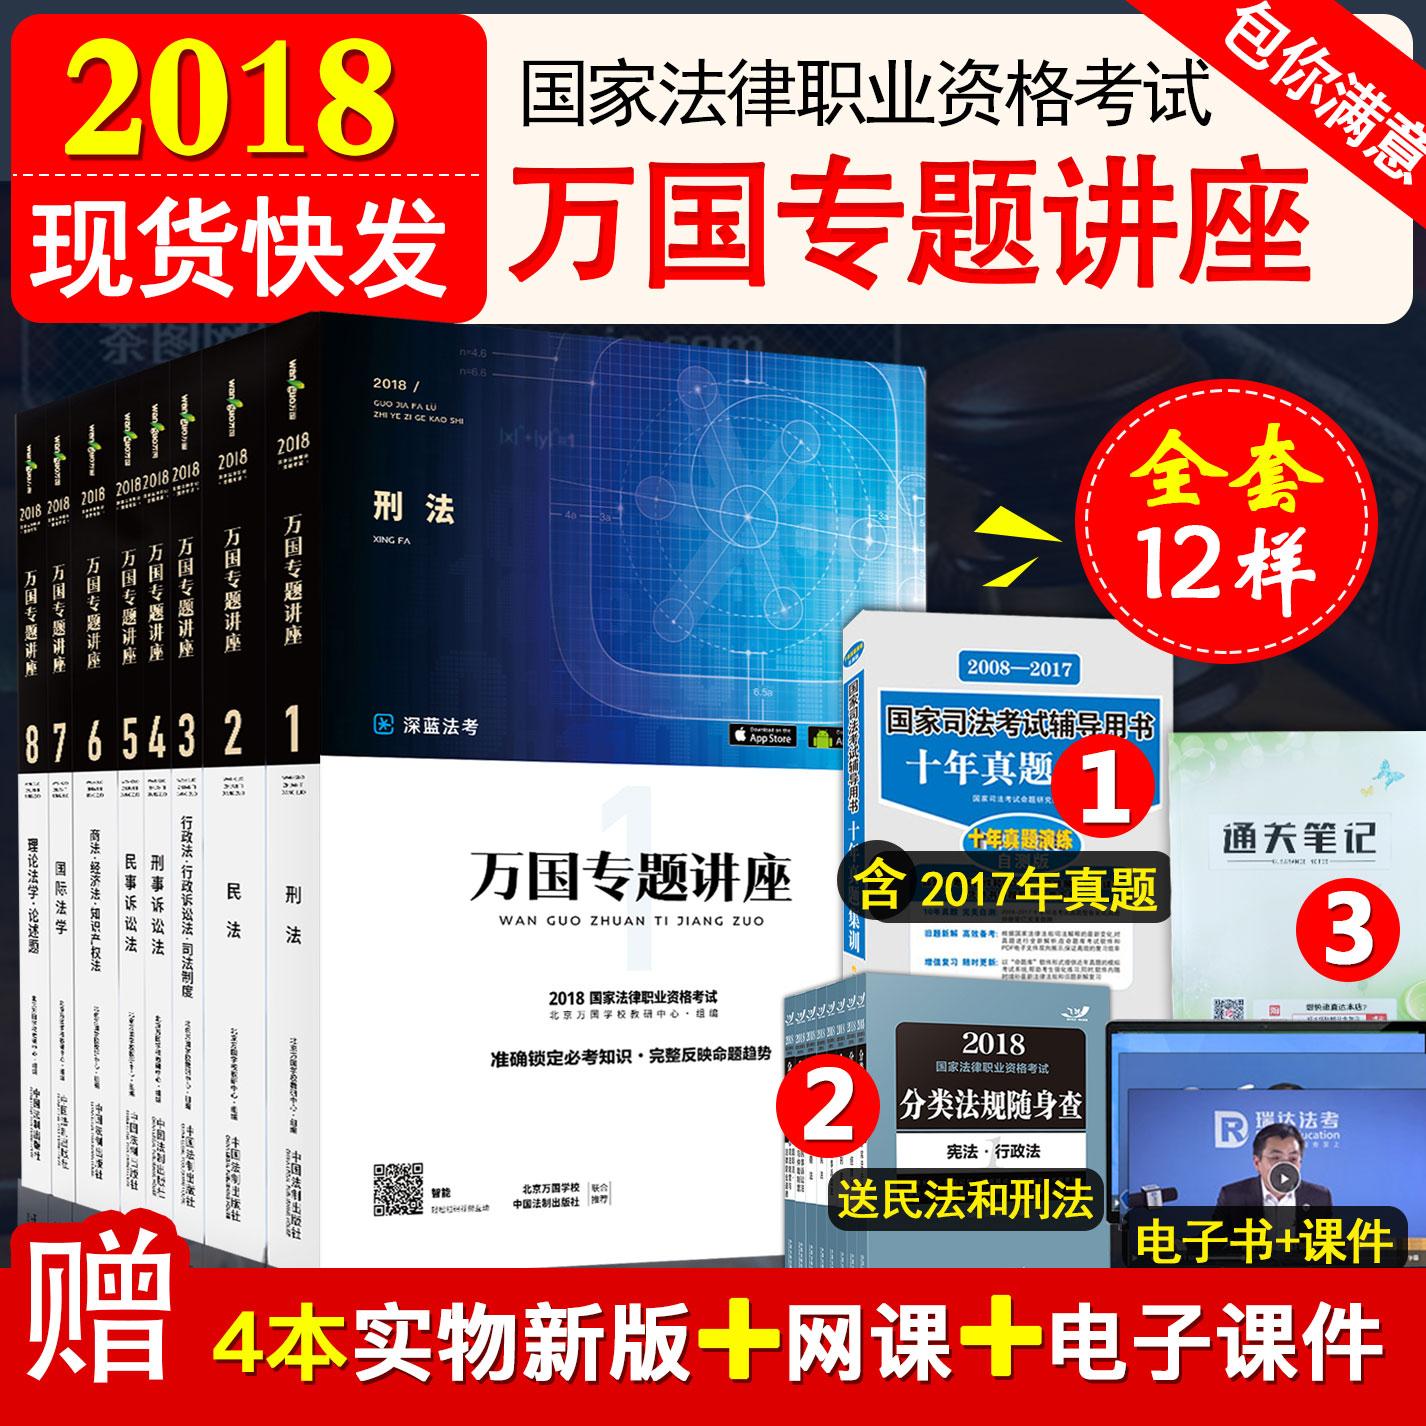 2018司法考试万国专题讲座